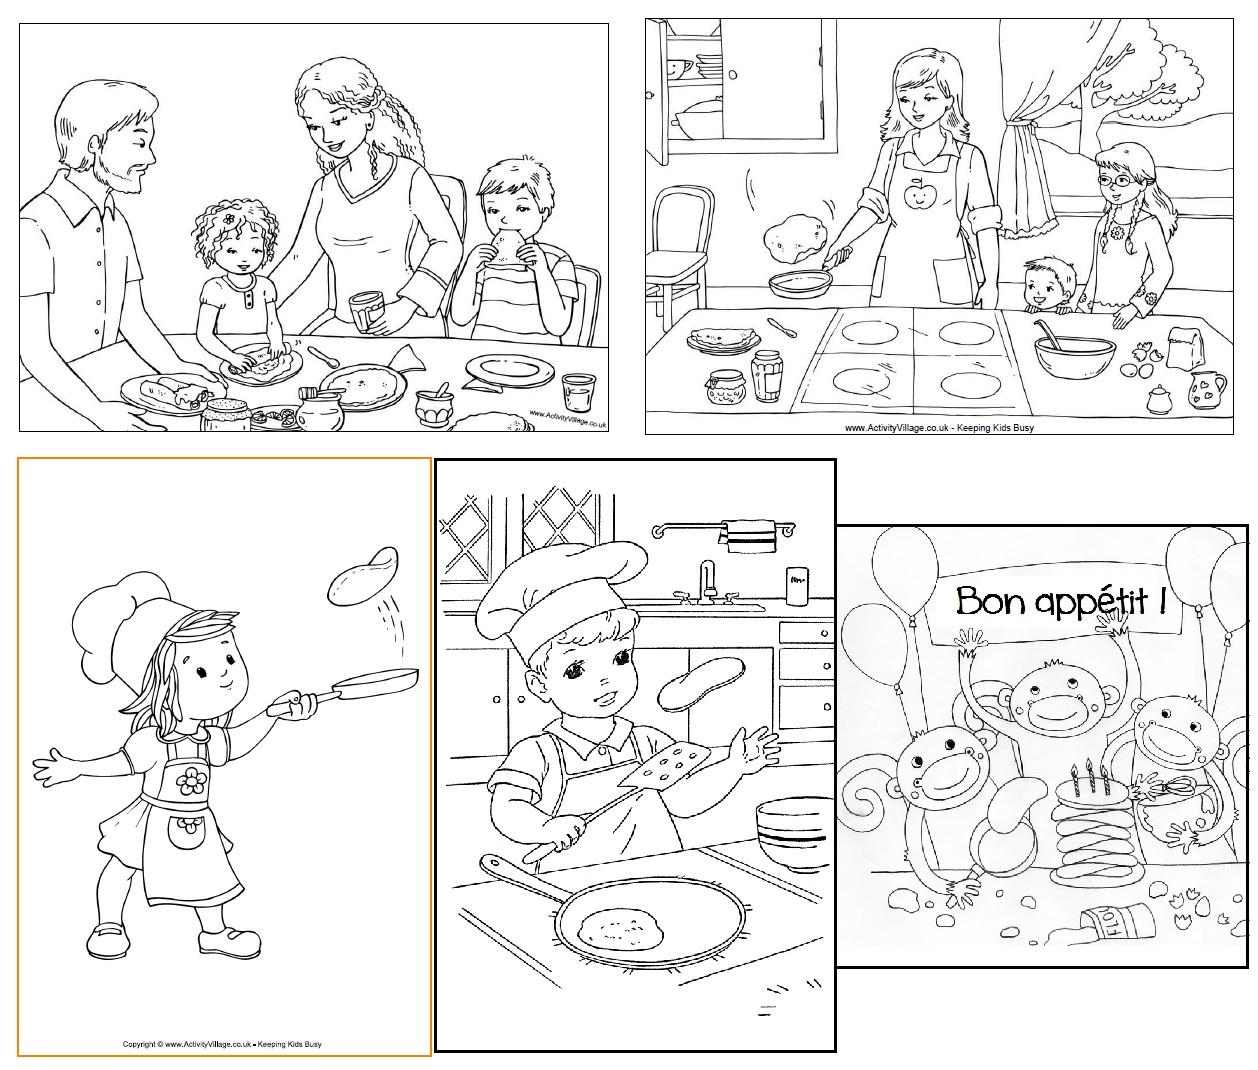 dessin magique ce2 à imprimer gratuit